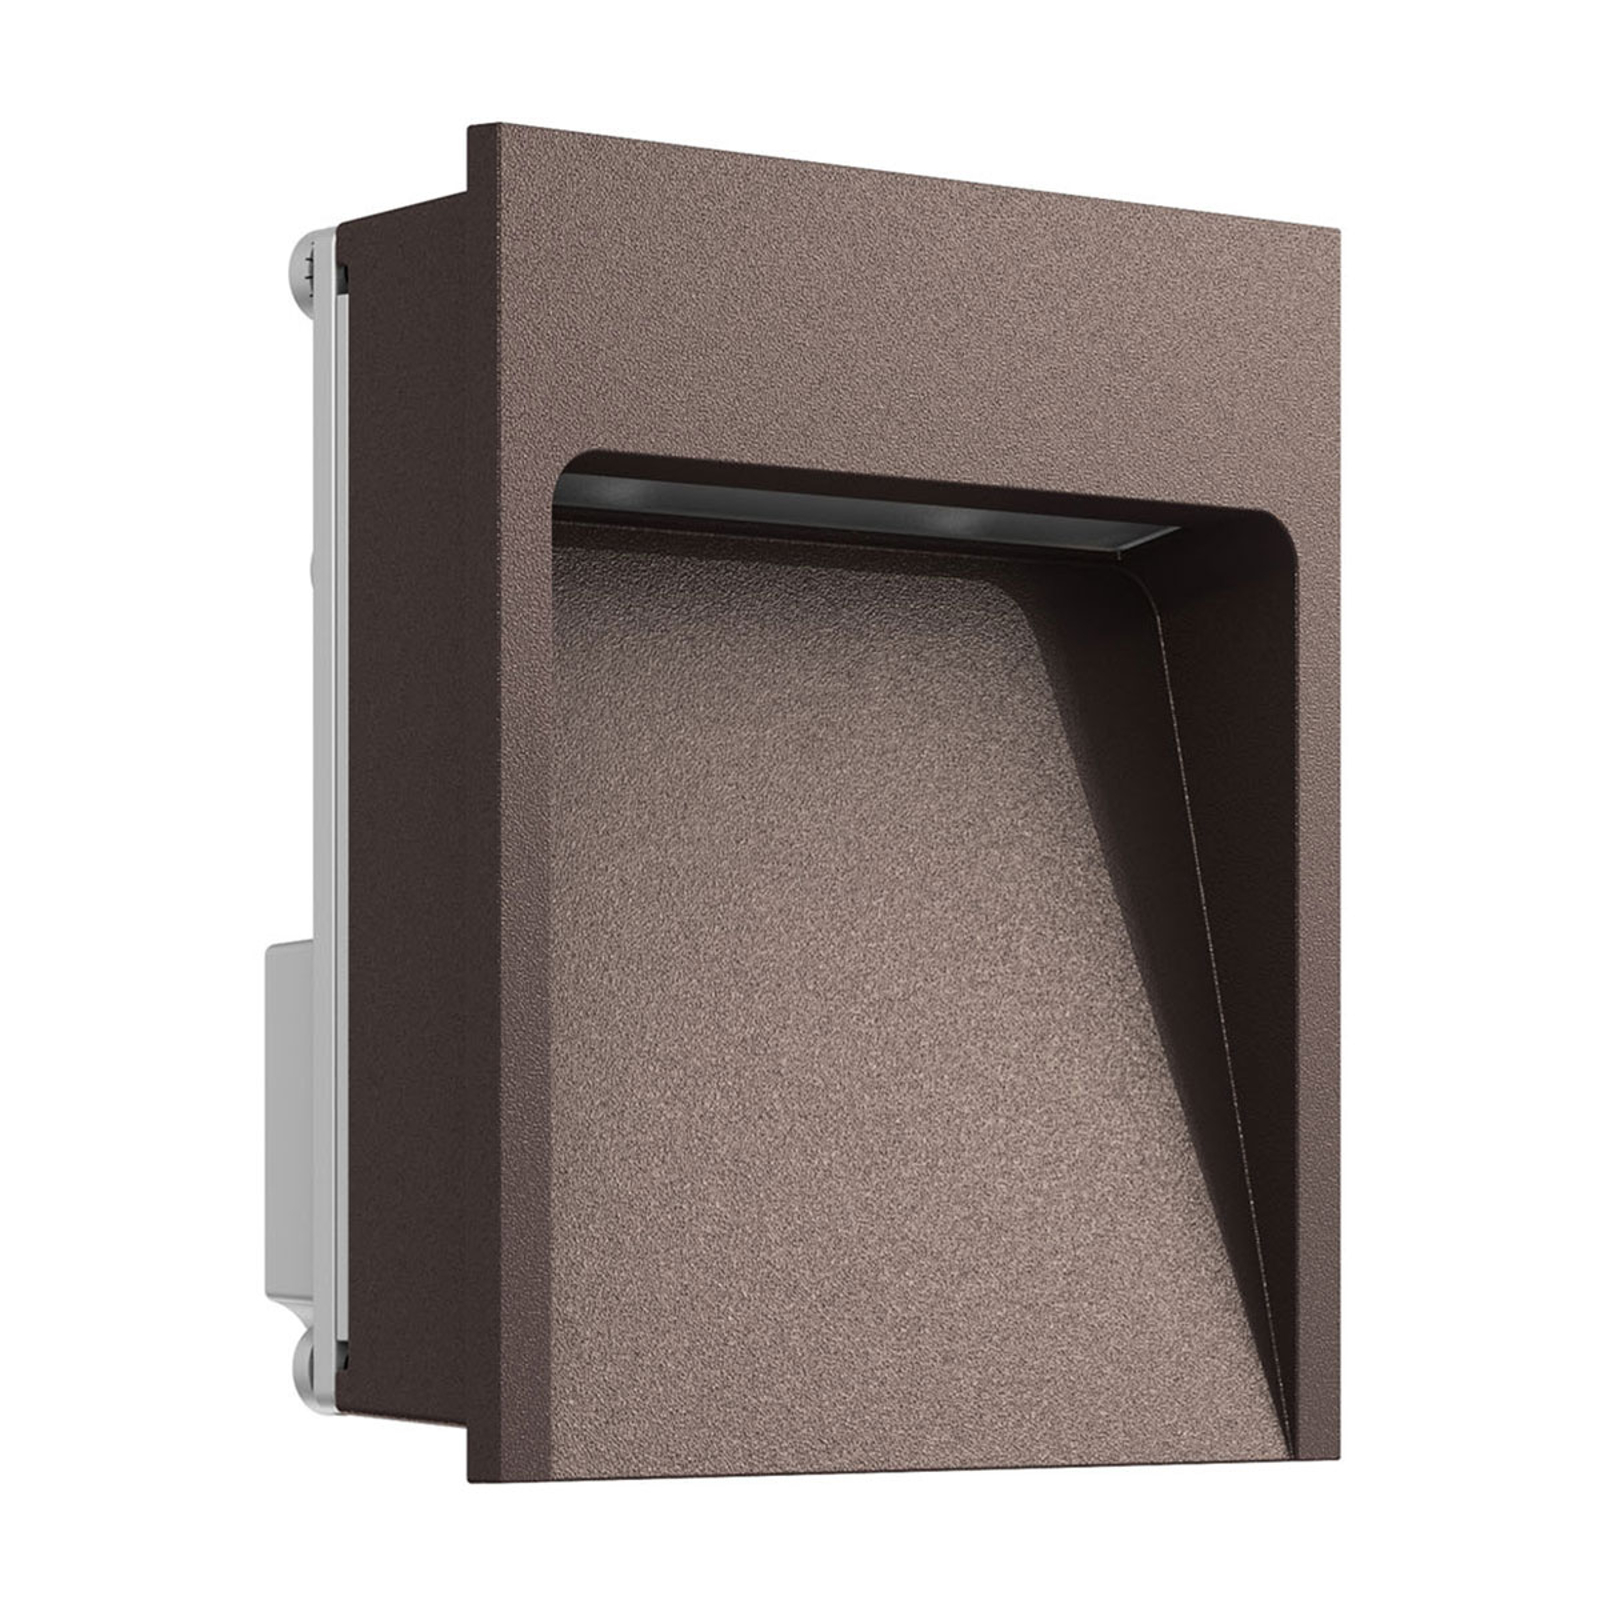 Lille LED vægindbygningslampe My Way, mørkebrun